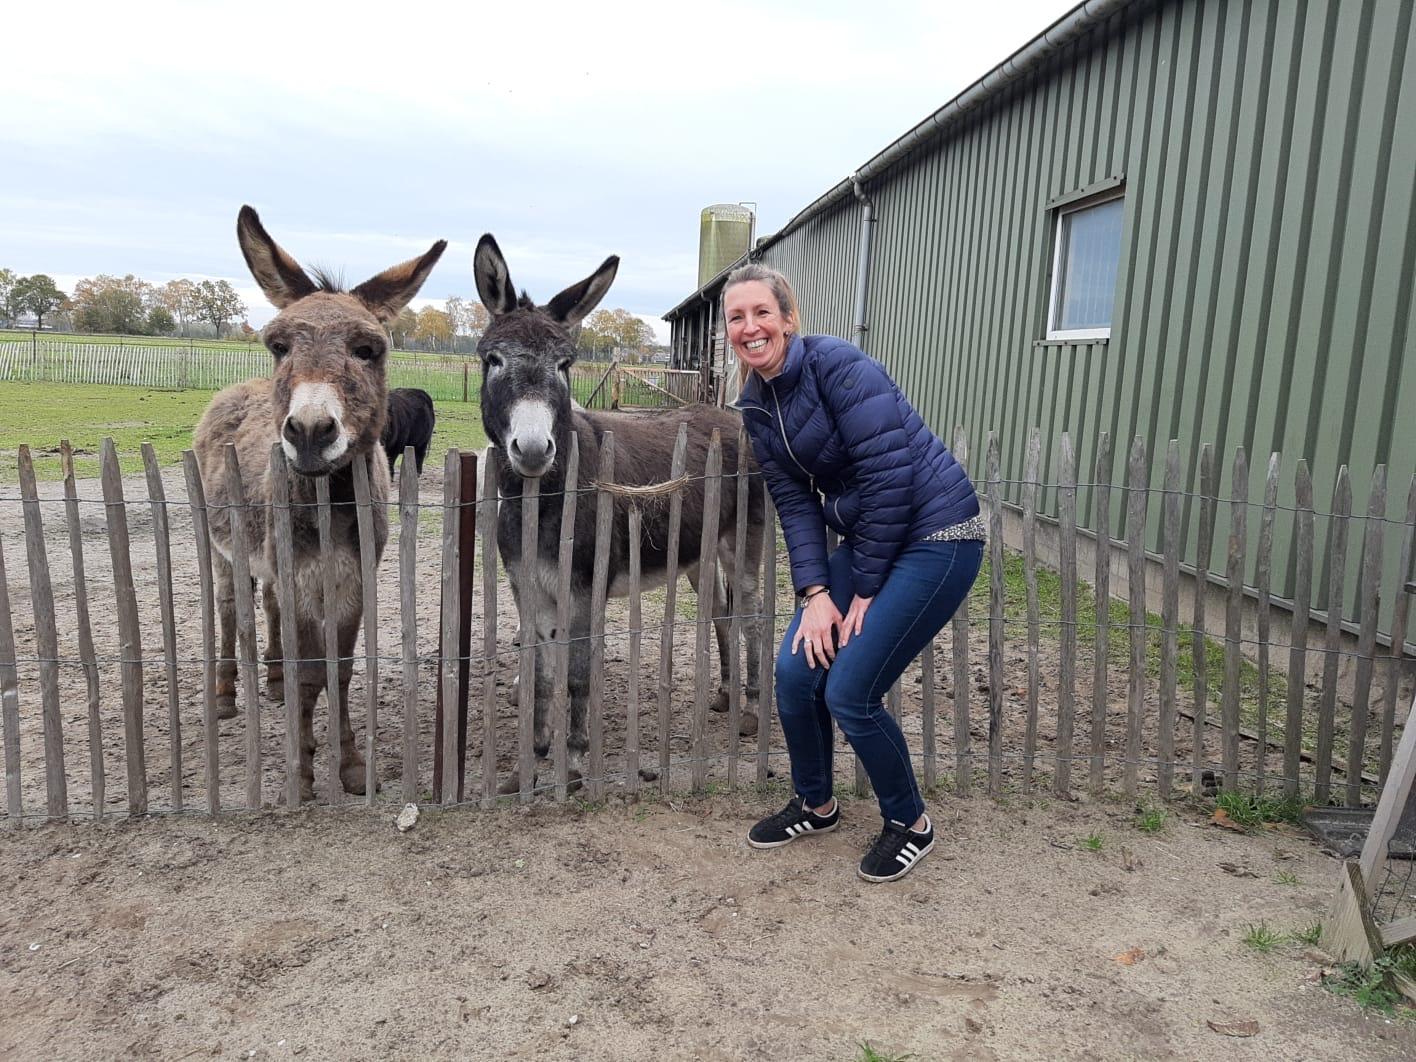 Agrarische Kinderopvang Krakenburg Nuenen Son en Breugel Kinderdagverblijf